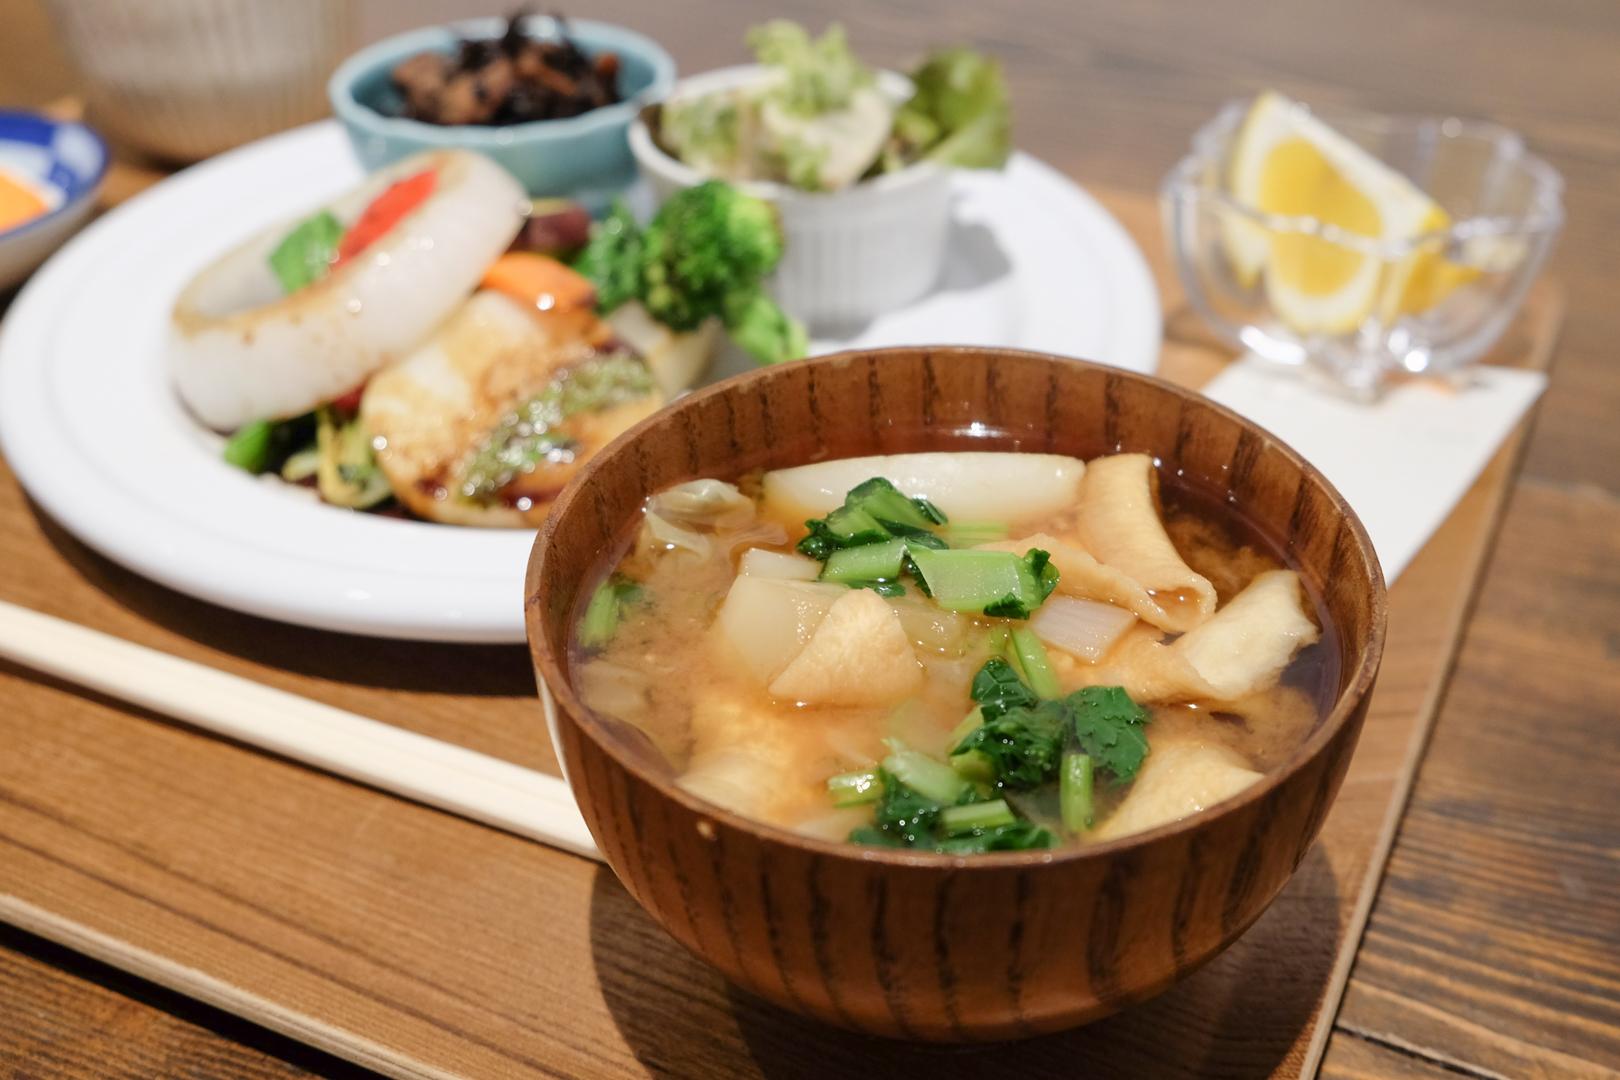 6 Amazing Vegan Restaurants in Tokyo to Try